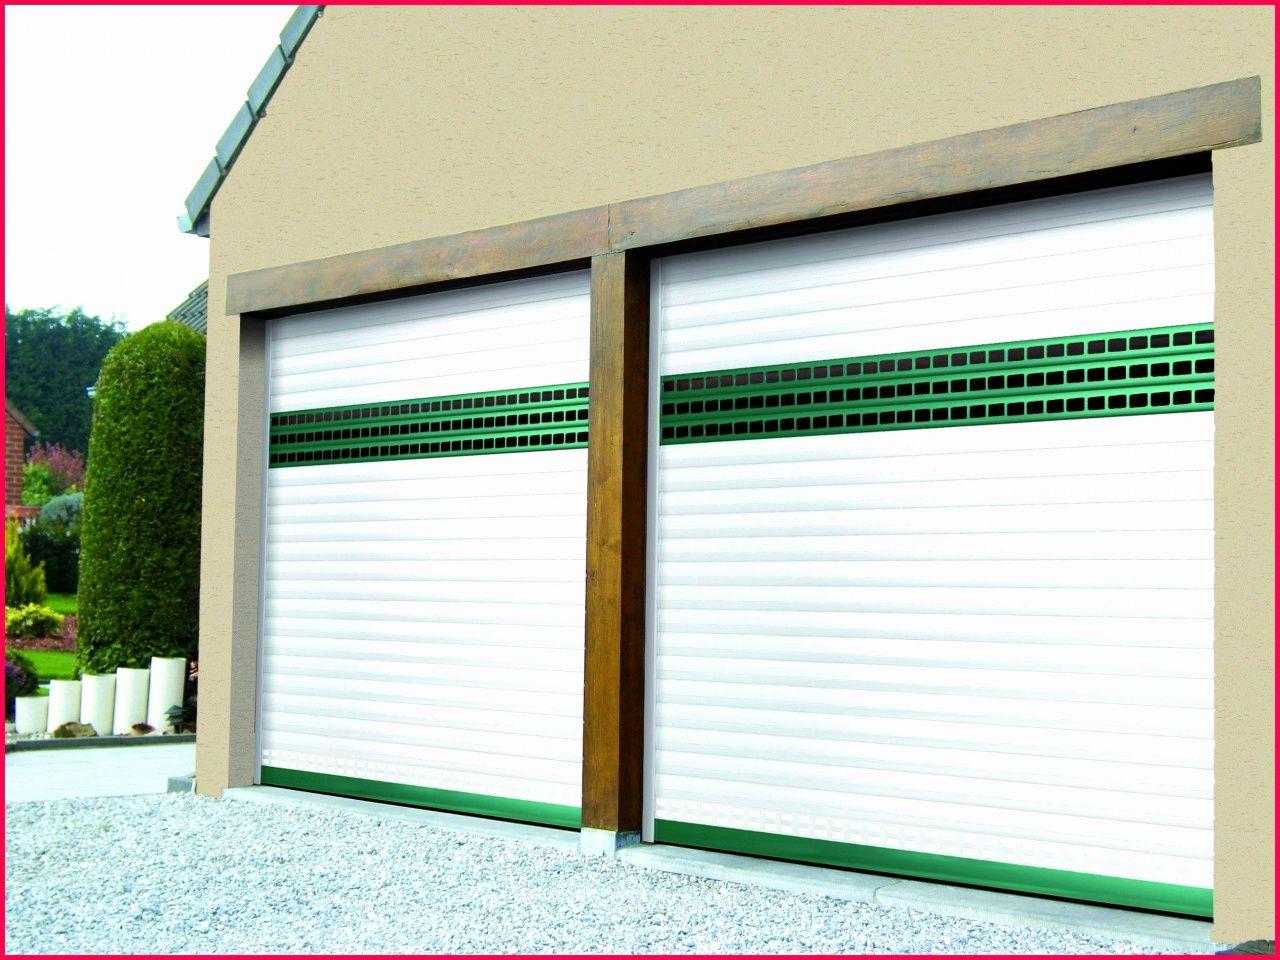 77 Castorama Porte De Garage Outdoor Decor Haus Decor